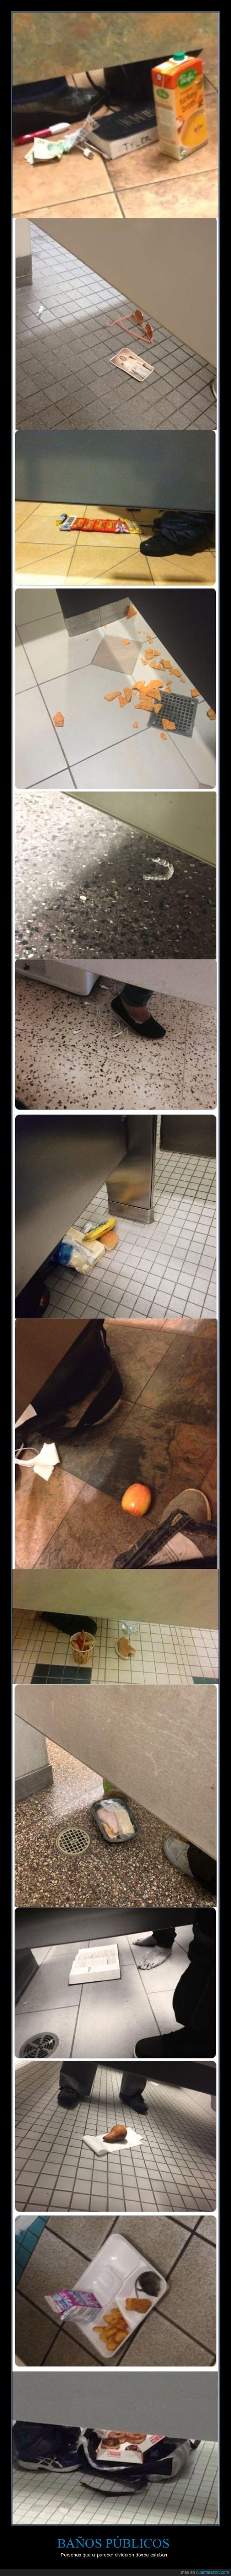 aseos,baños públicos,wtf